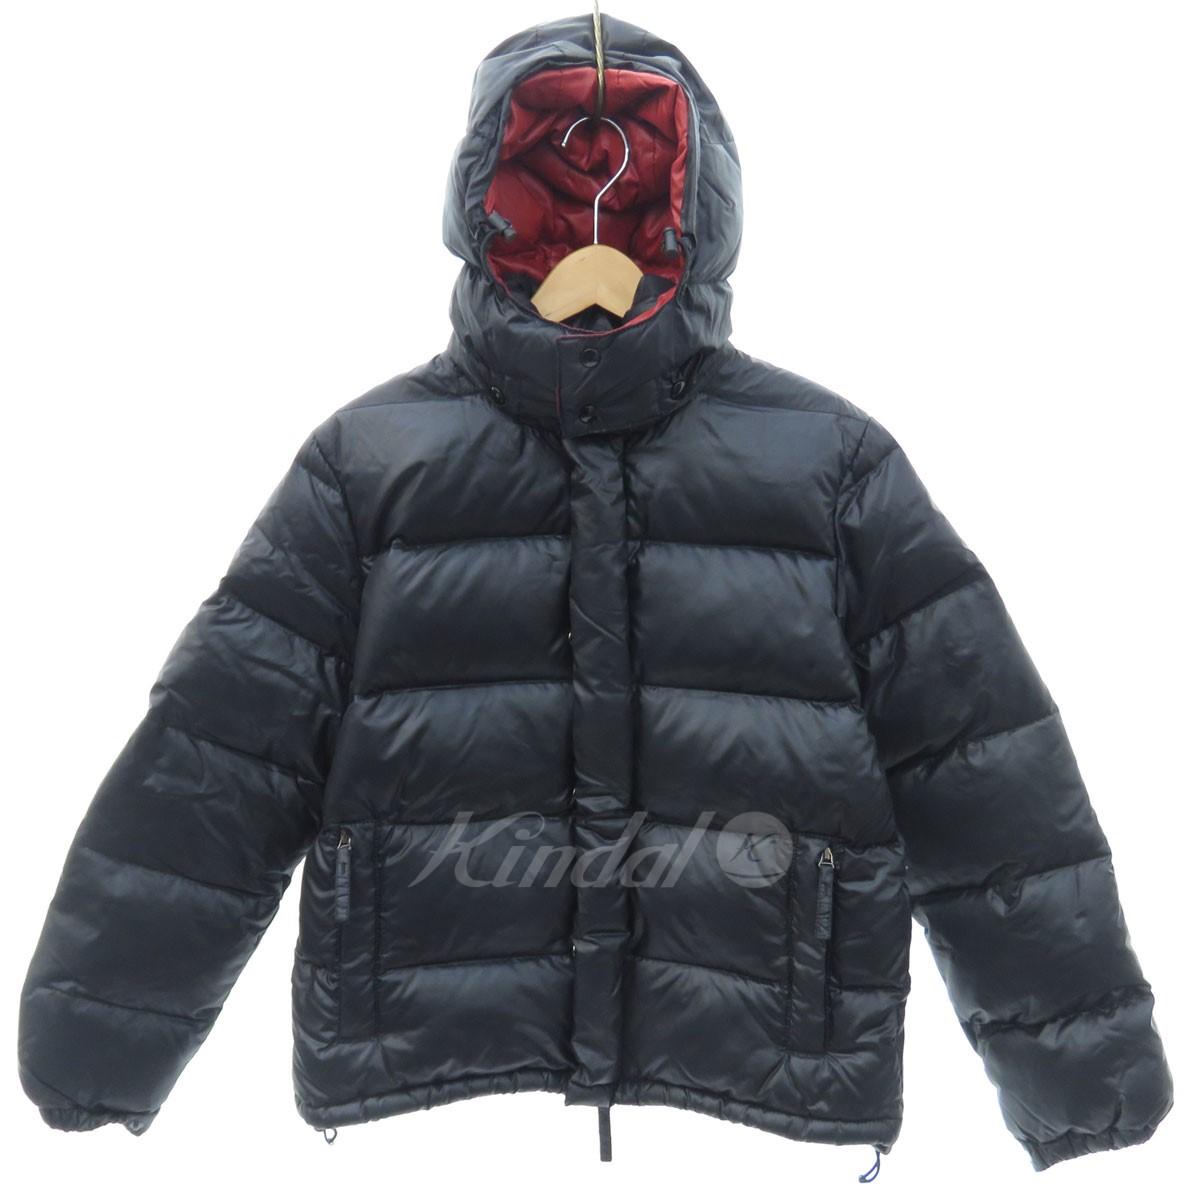 【中古】DUVETICA ダウンジャケット ブラック サイズ:44 【030219】(デュベティカ)